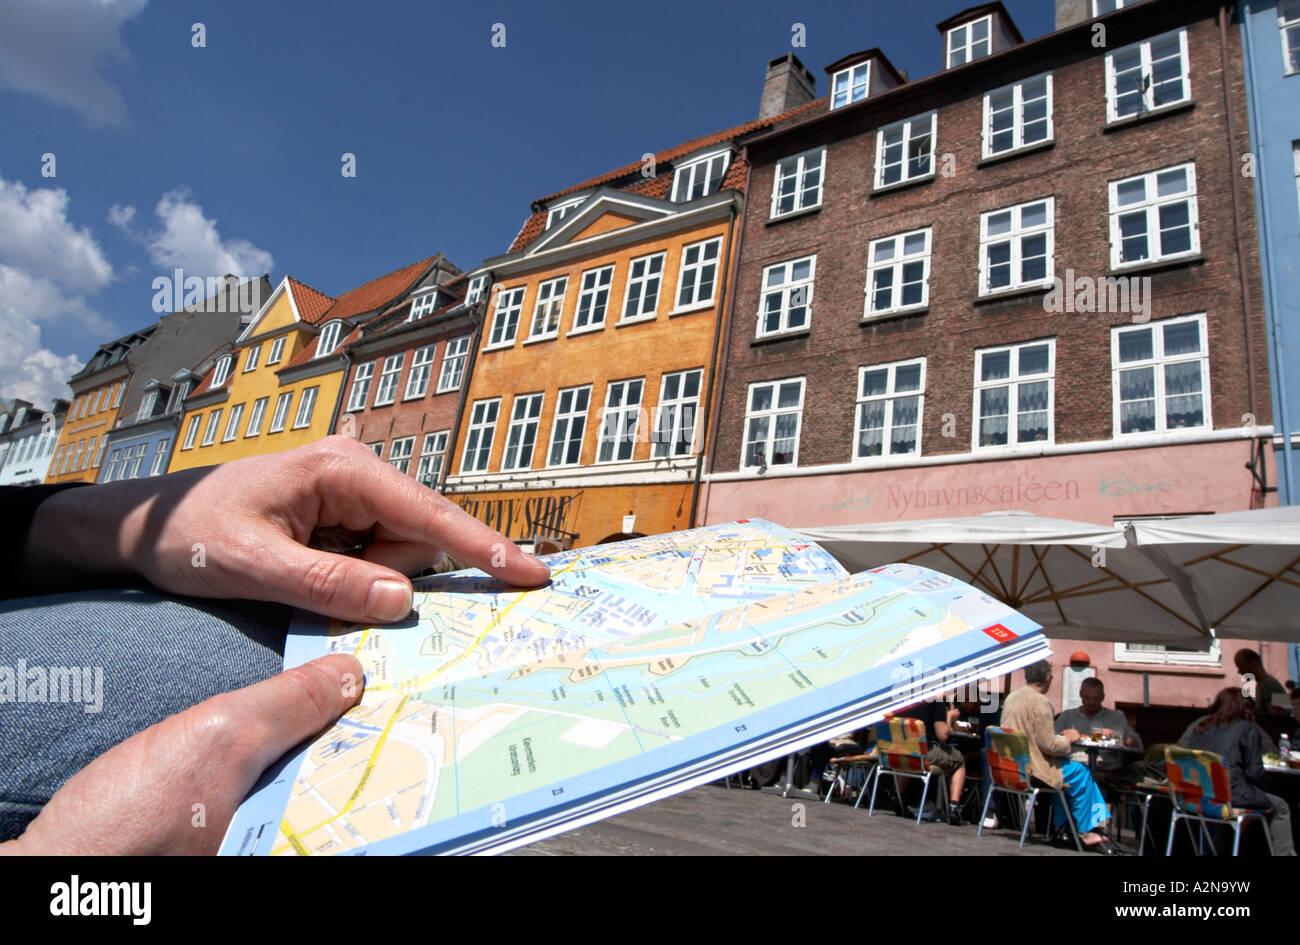 Tourist holding map, Nyhavn, Copenhagen, Denmark - Stock Image